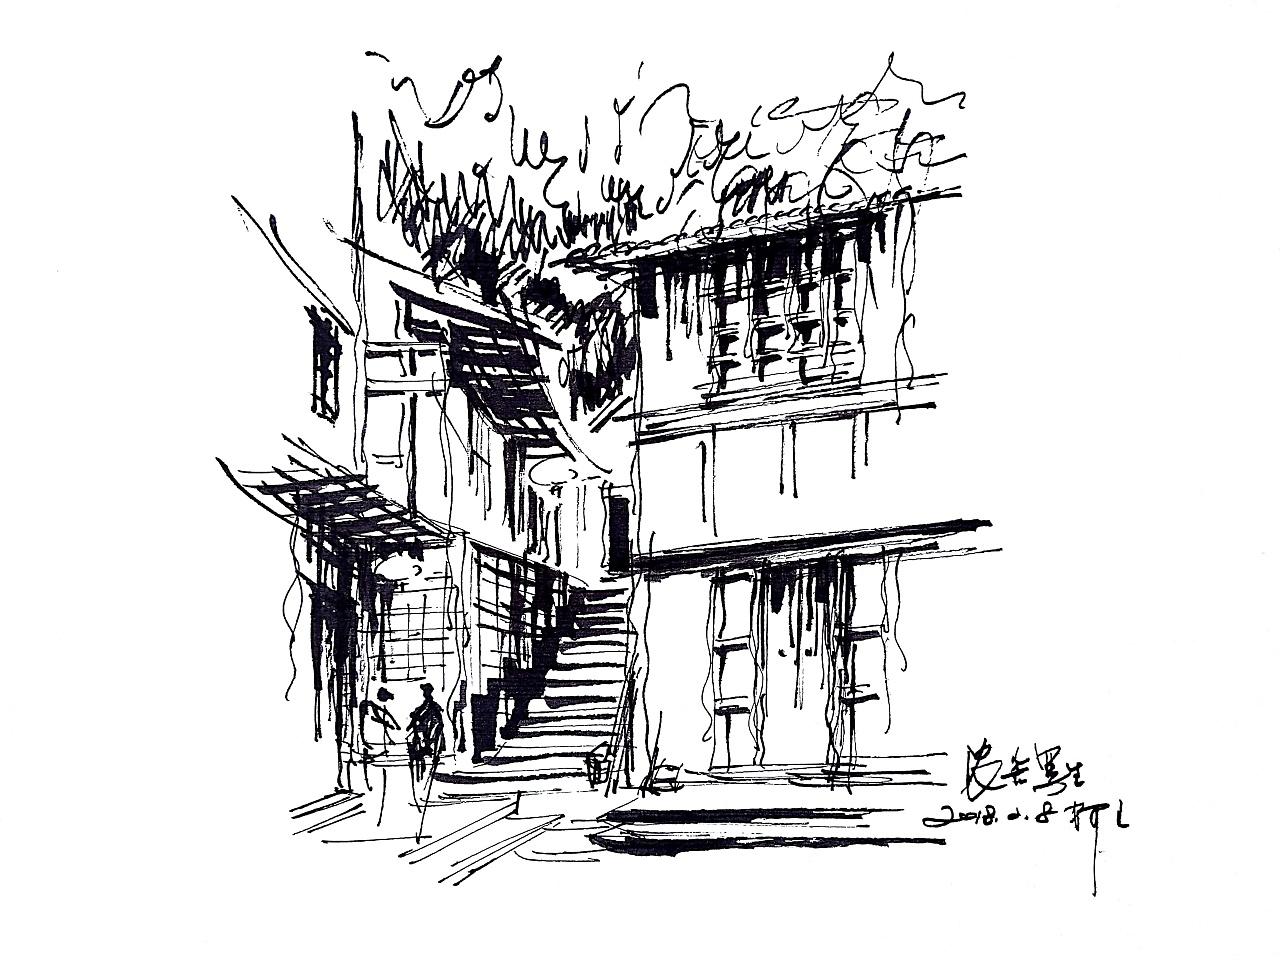 阿王速写钢笔画建筑风景速写